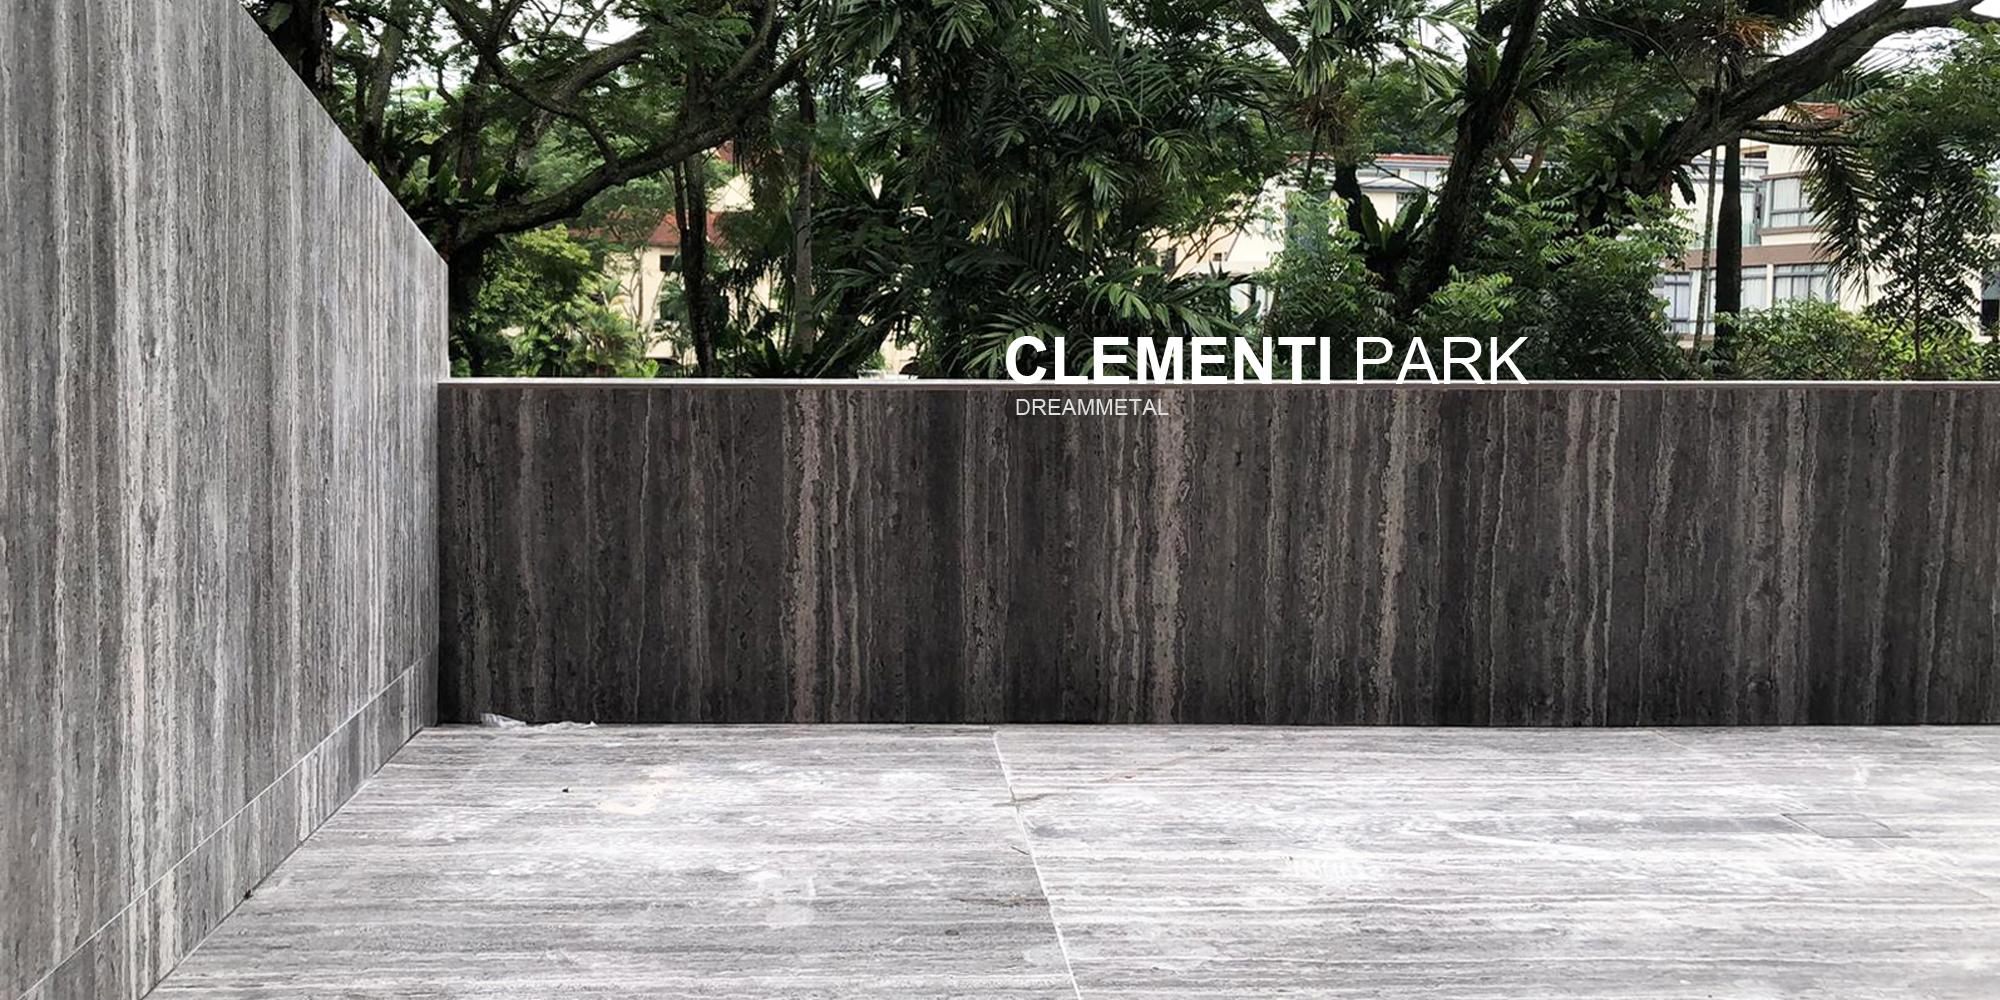 Clementi park